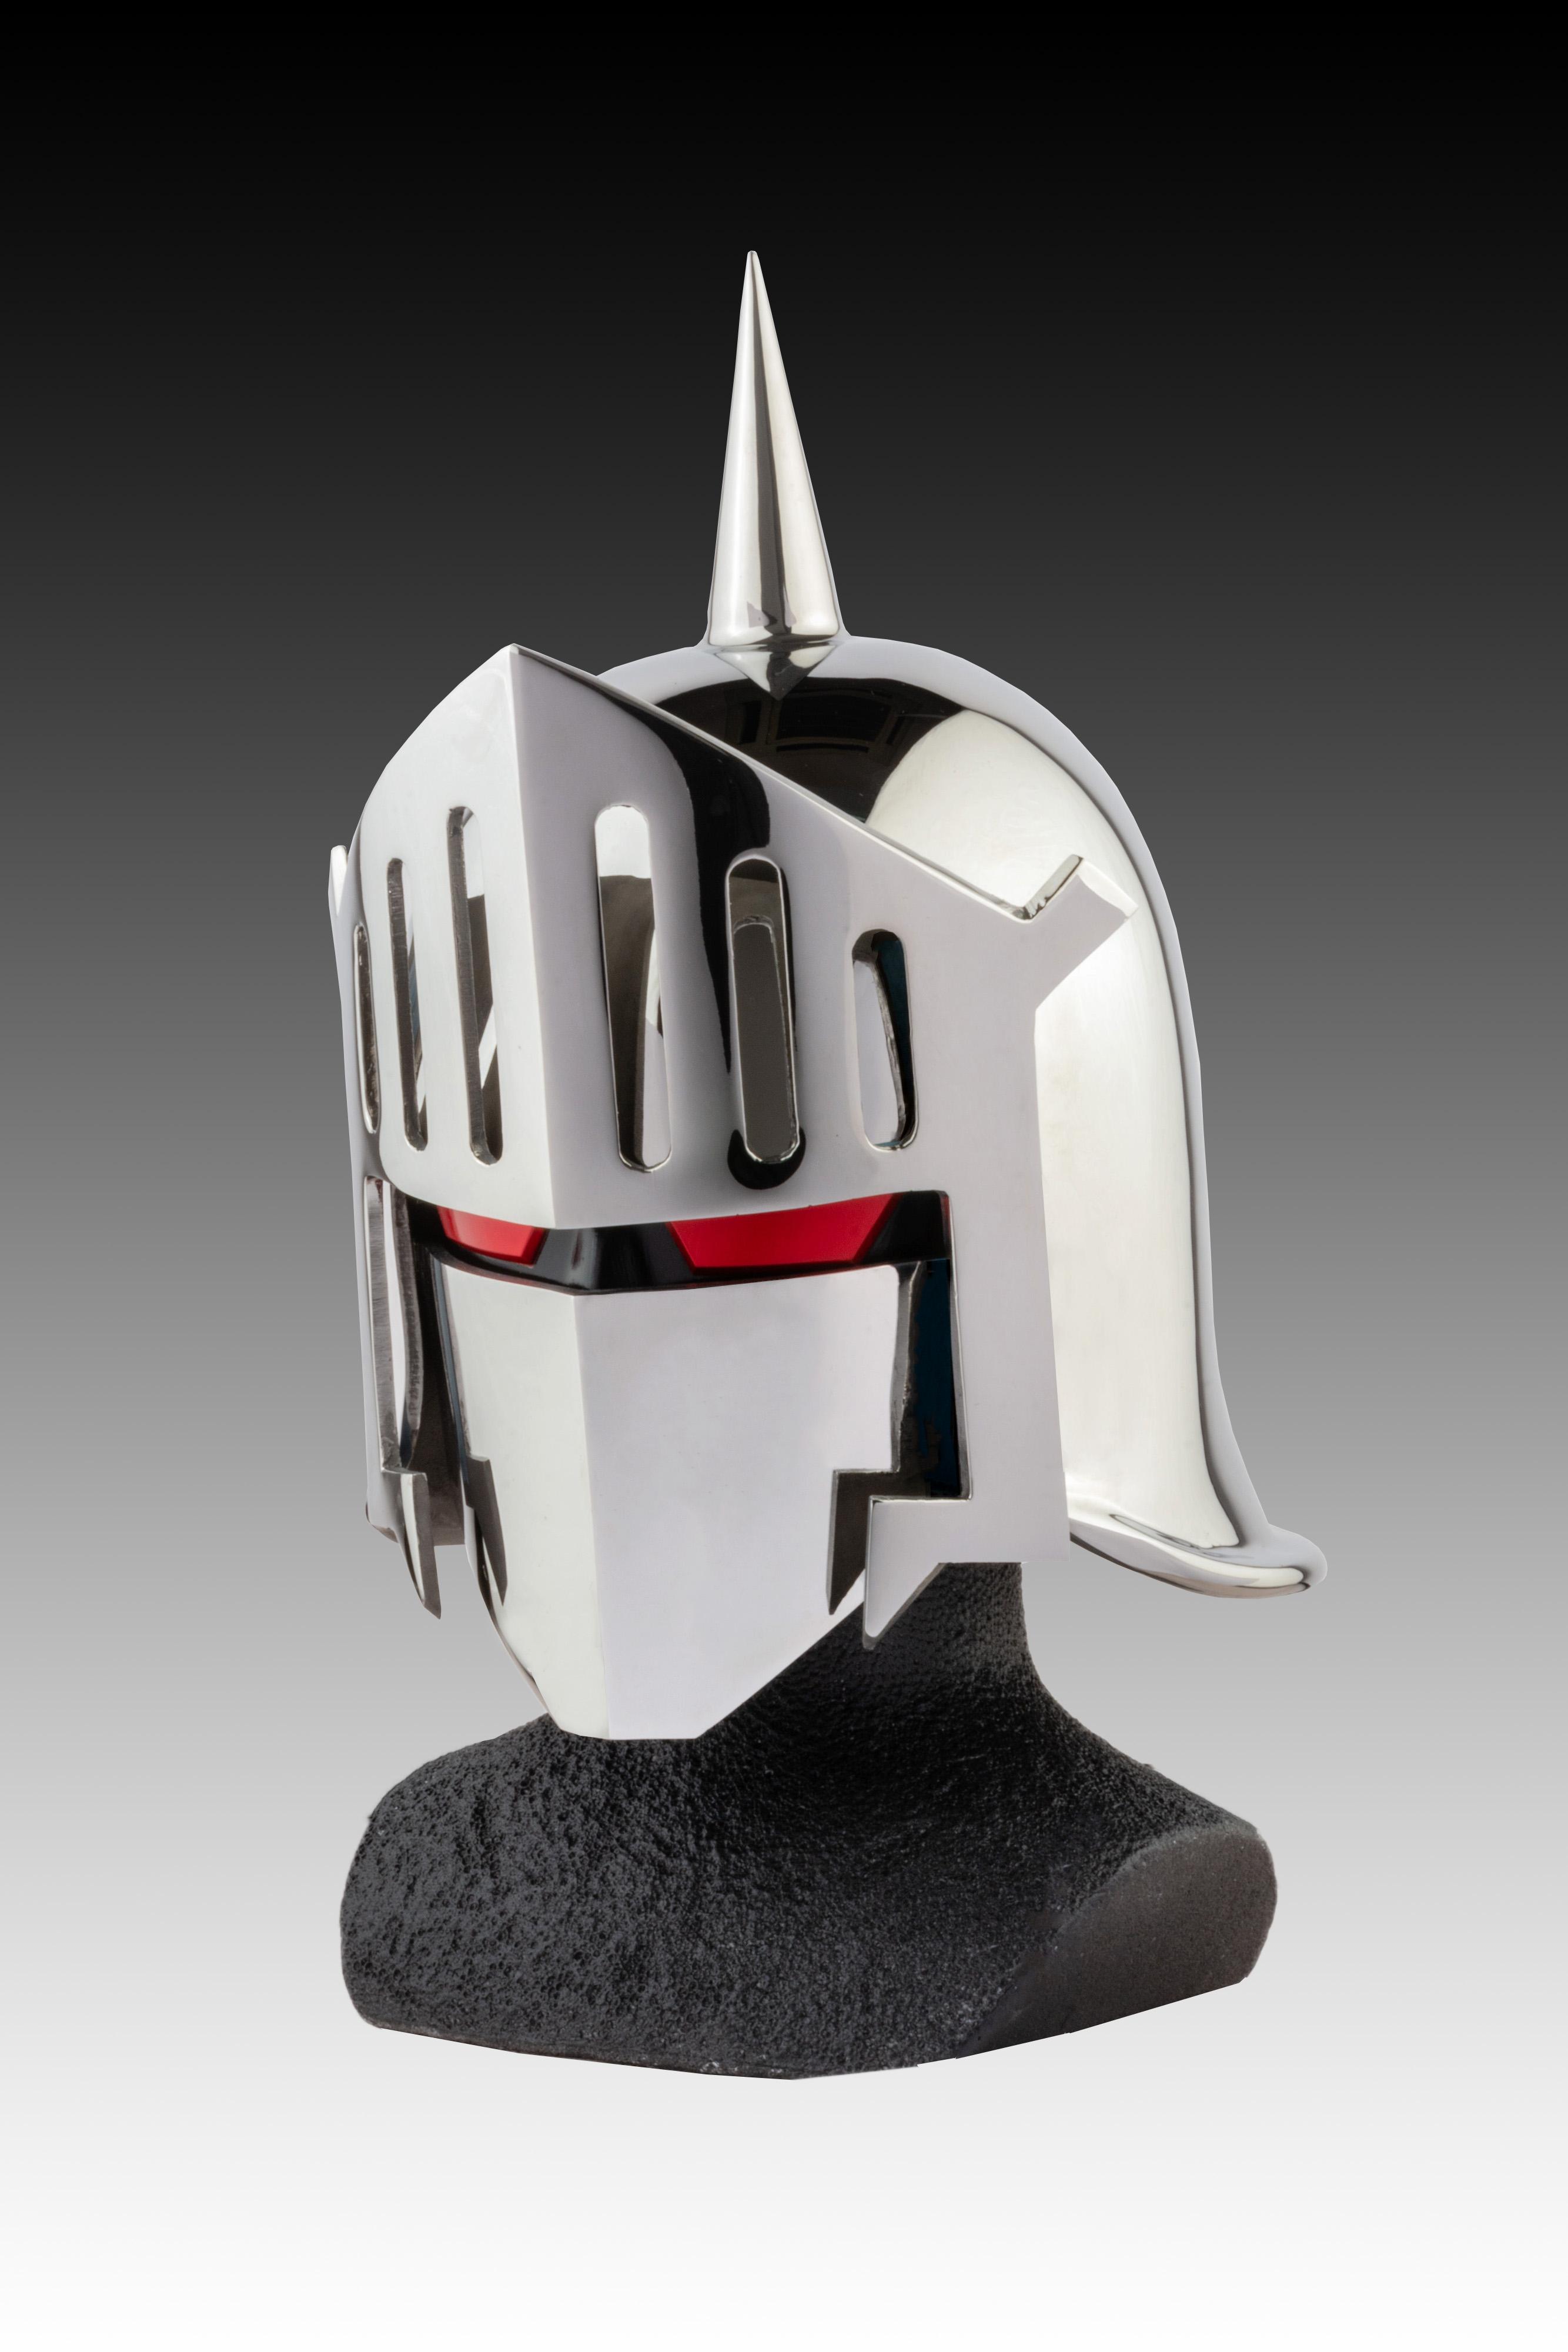 漫画 キン肉マン の人気超人 ロビンマスクを日本の製造業が本気で